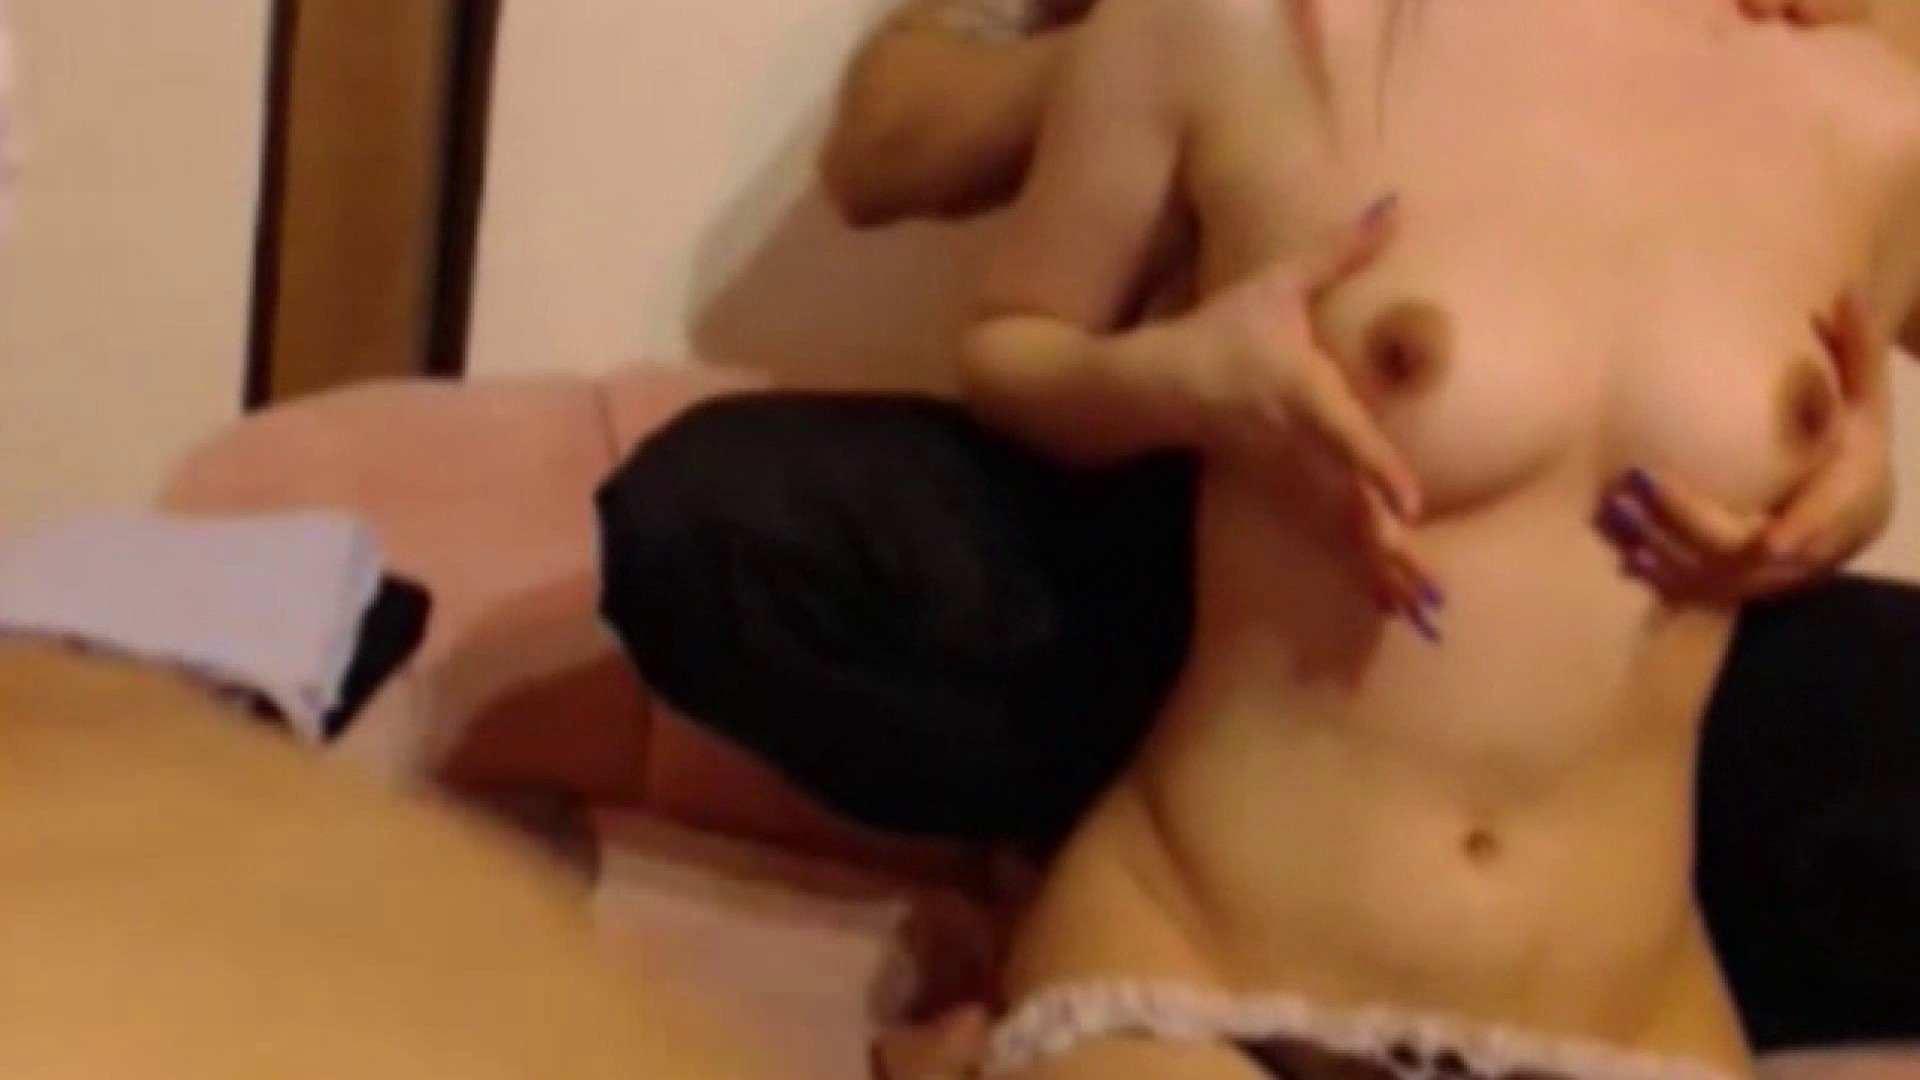 おしえてギャル子のH塾 Vol.02 前編 フェチ 性交動画流出 64pic 27